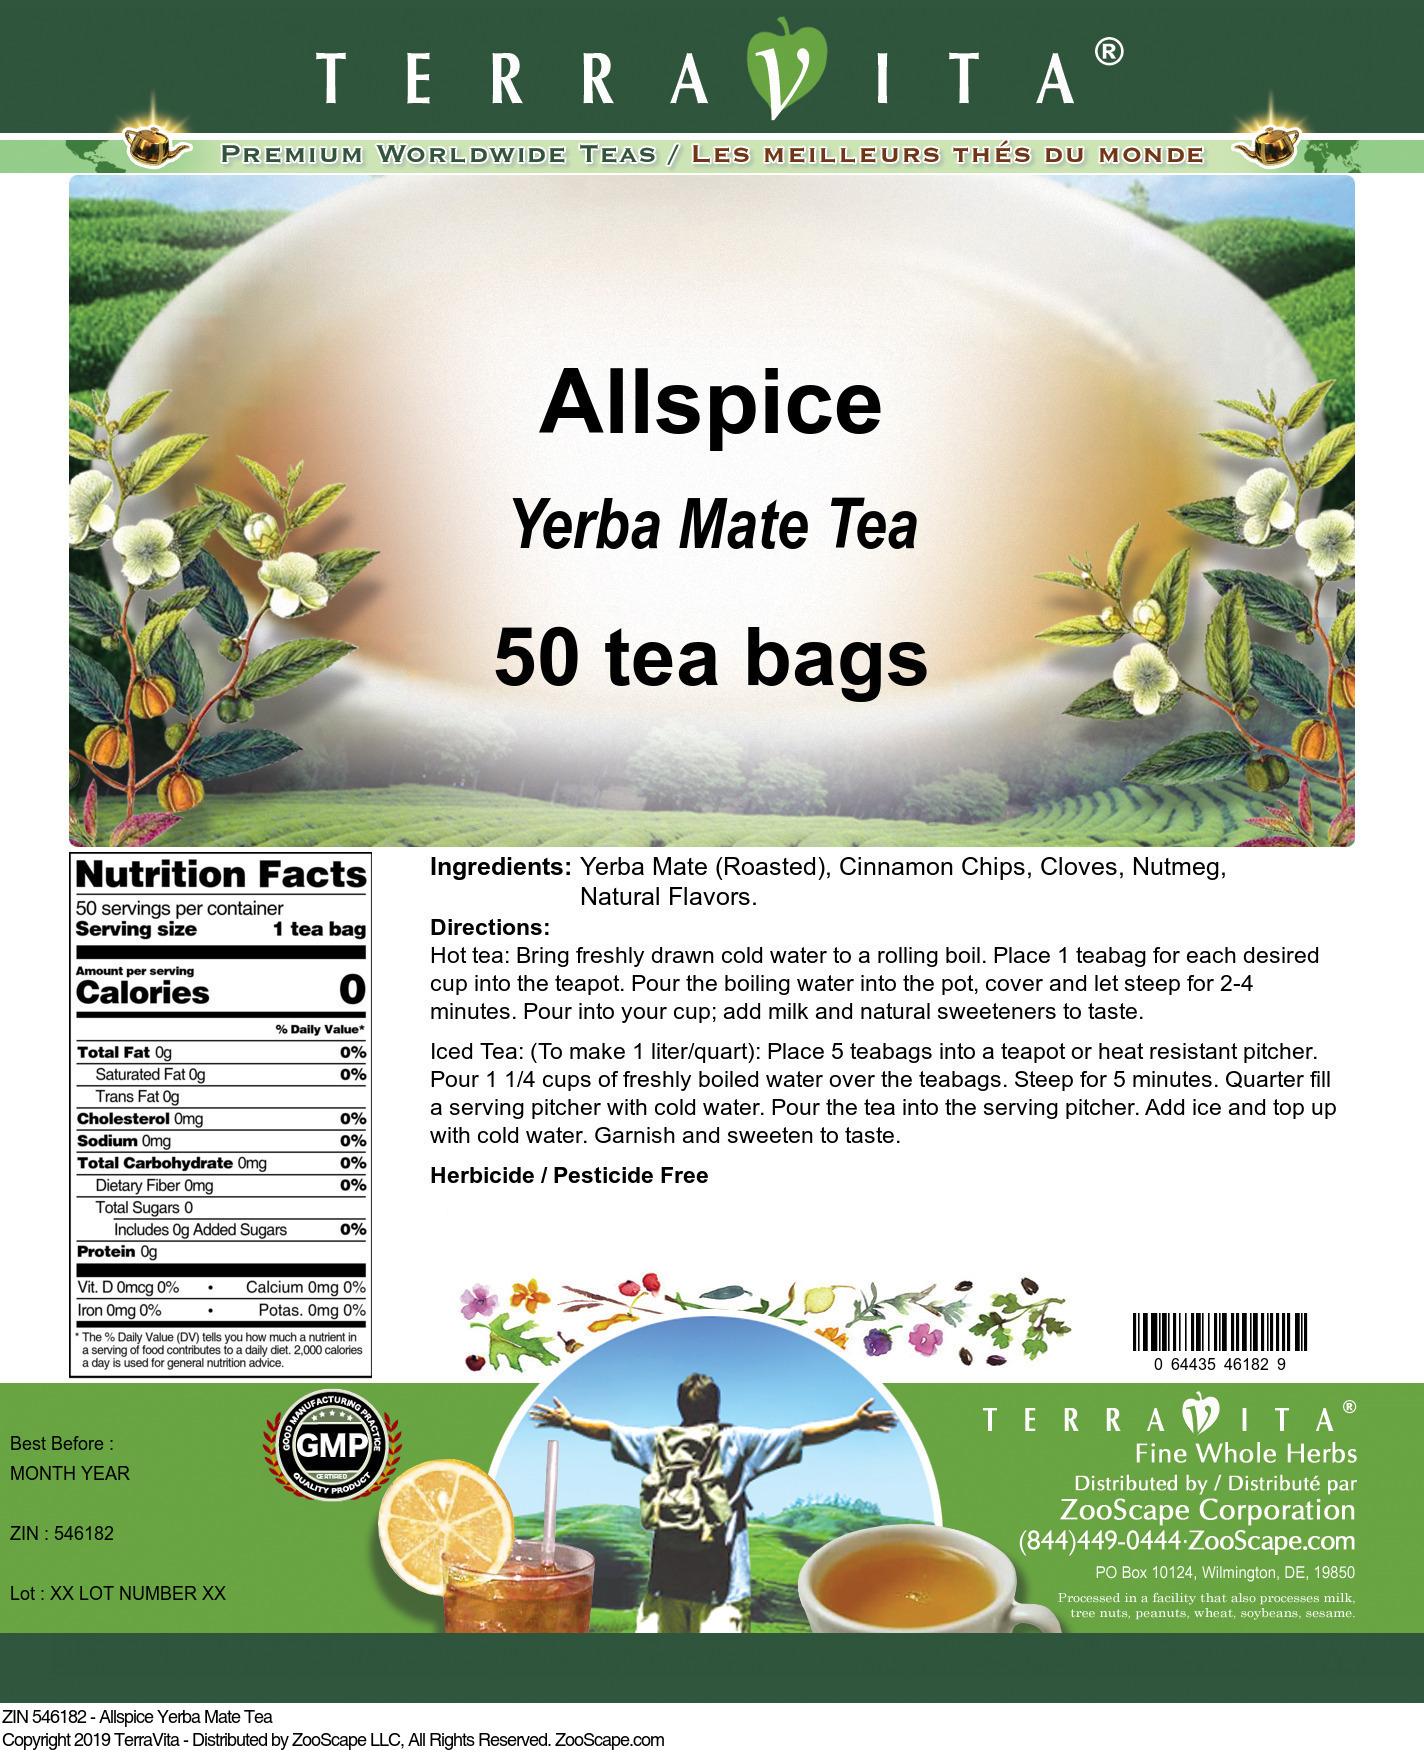 Allspice Yerba Mate Tea